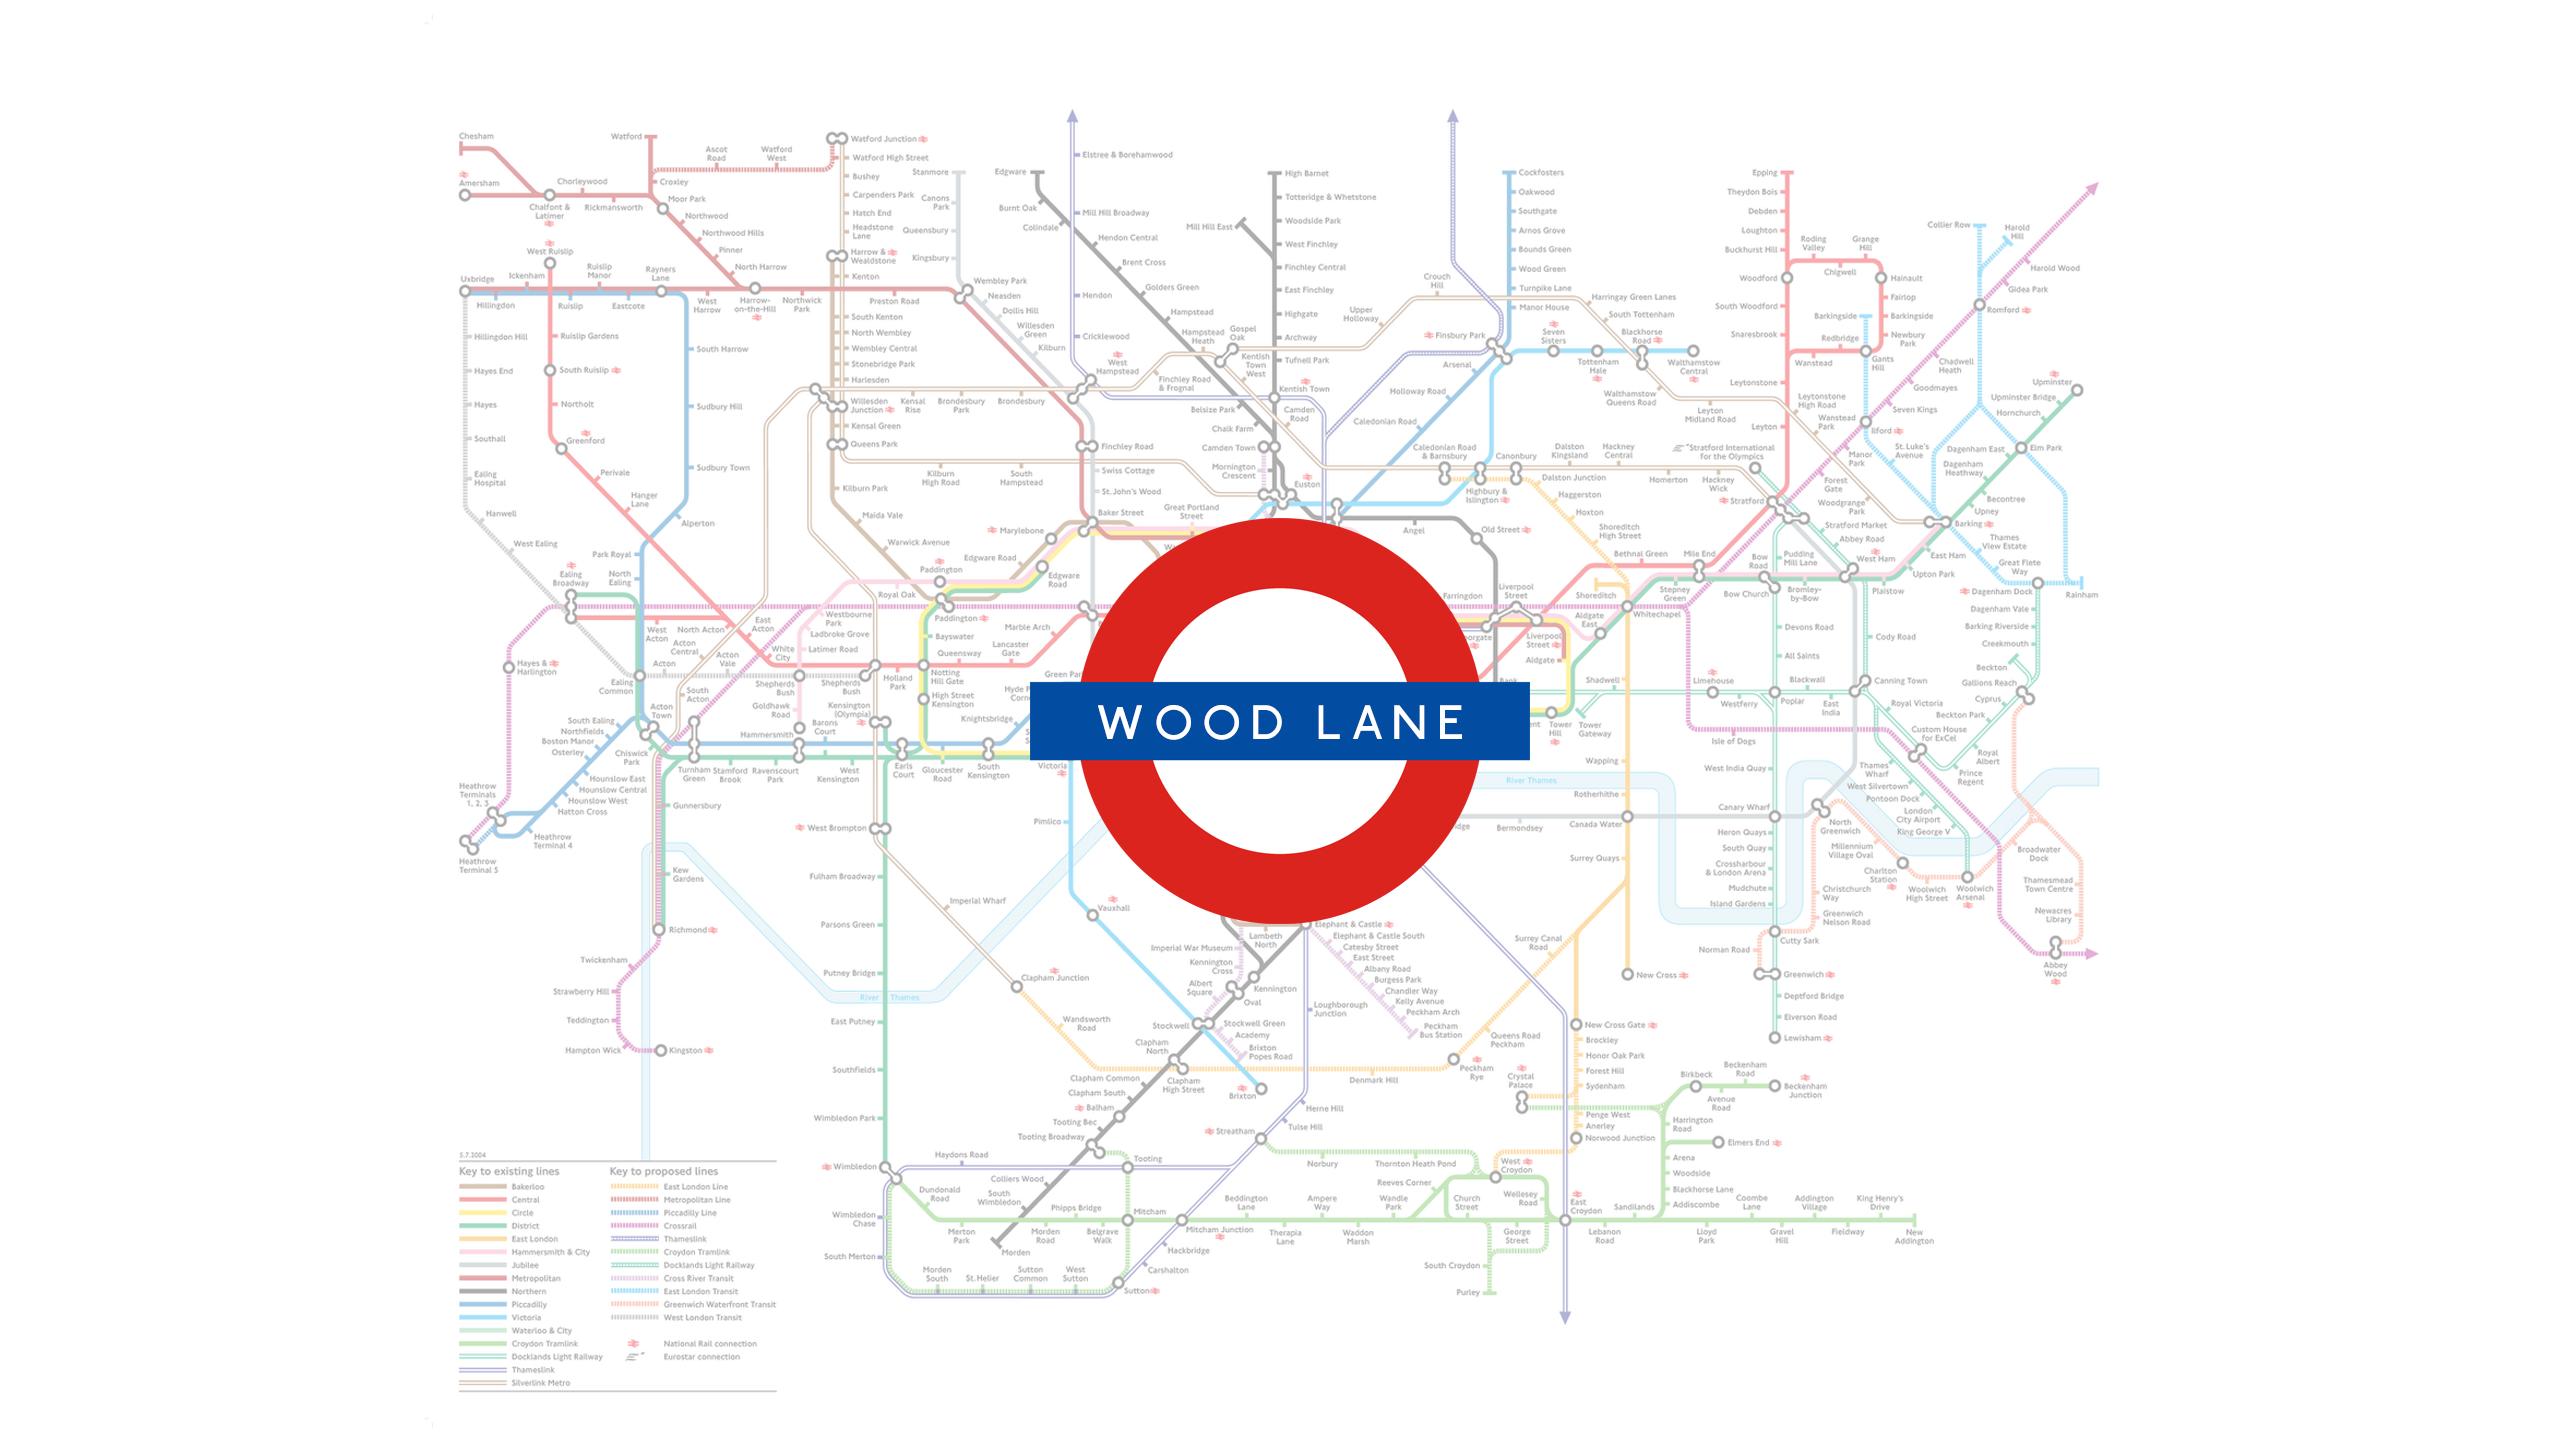 Wood Lane (Map)